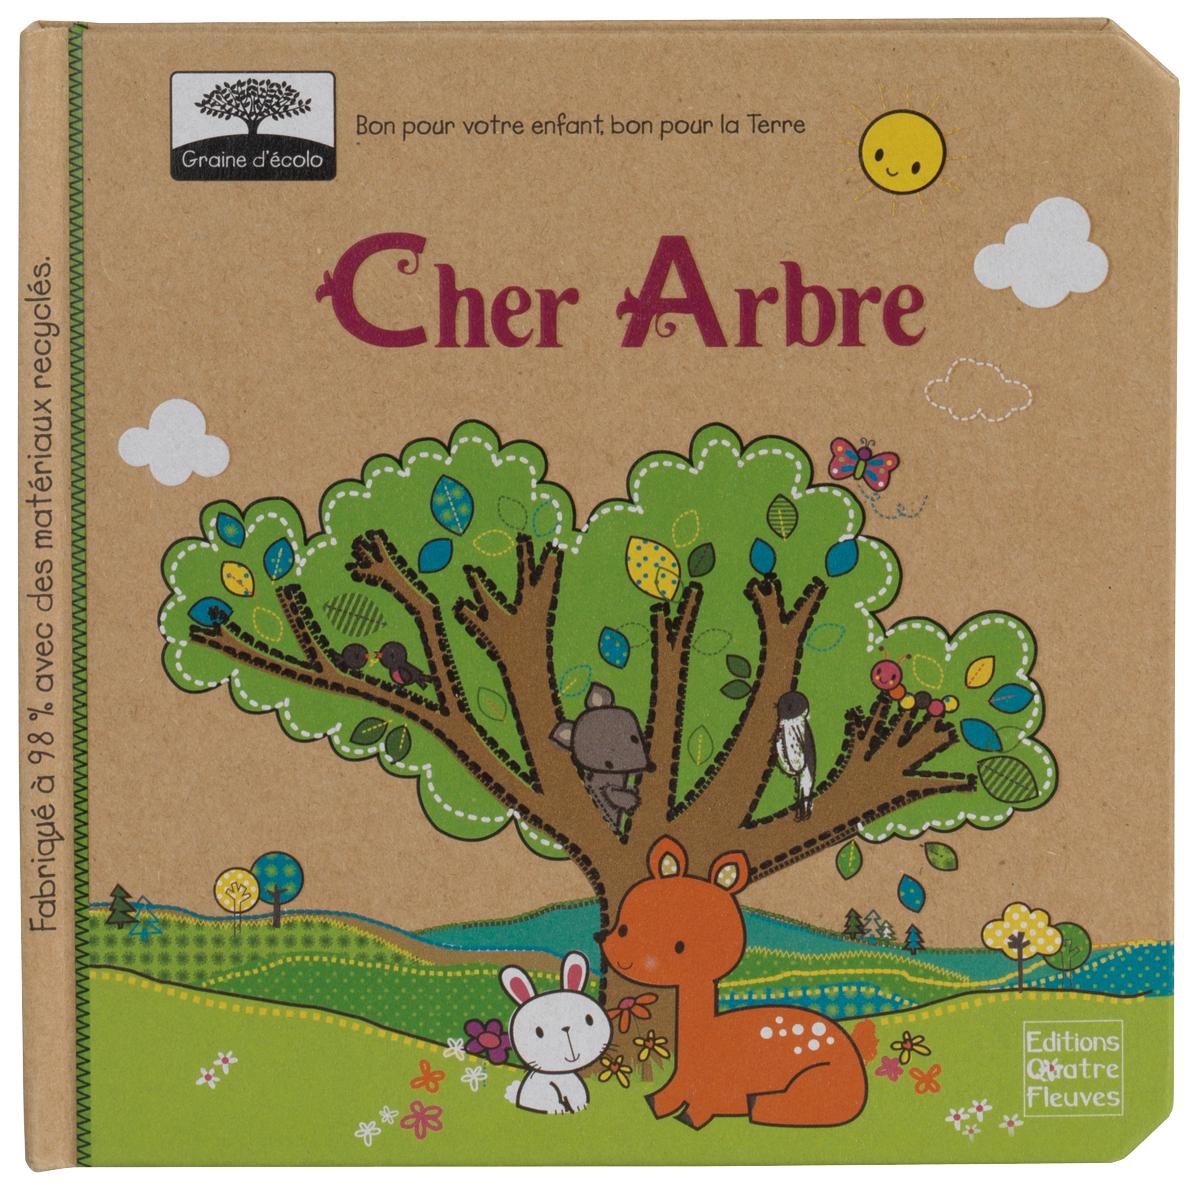 CHER ARBRE